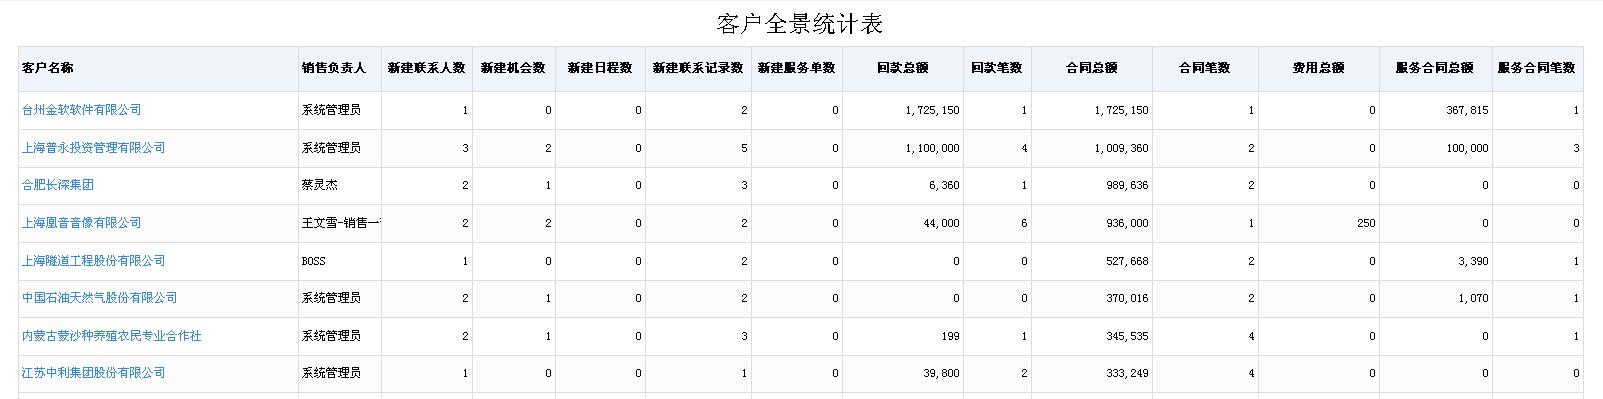 智云通CRM客户全景报表.jpg